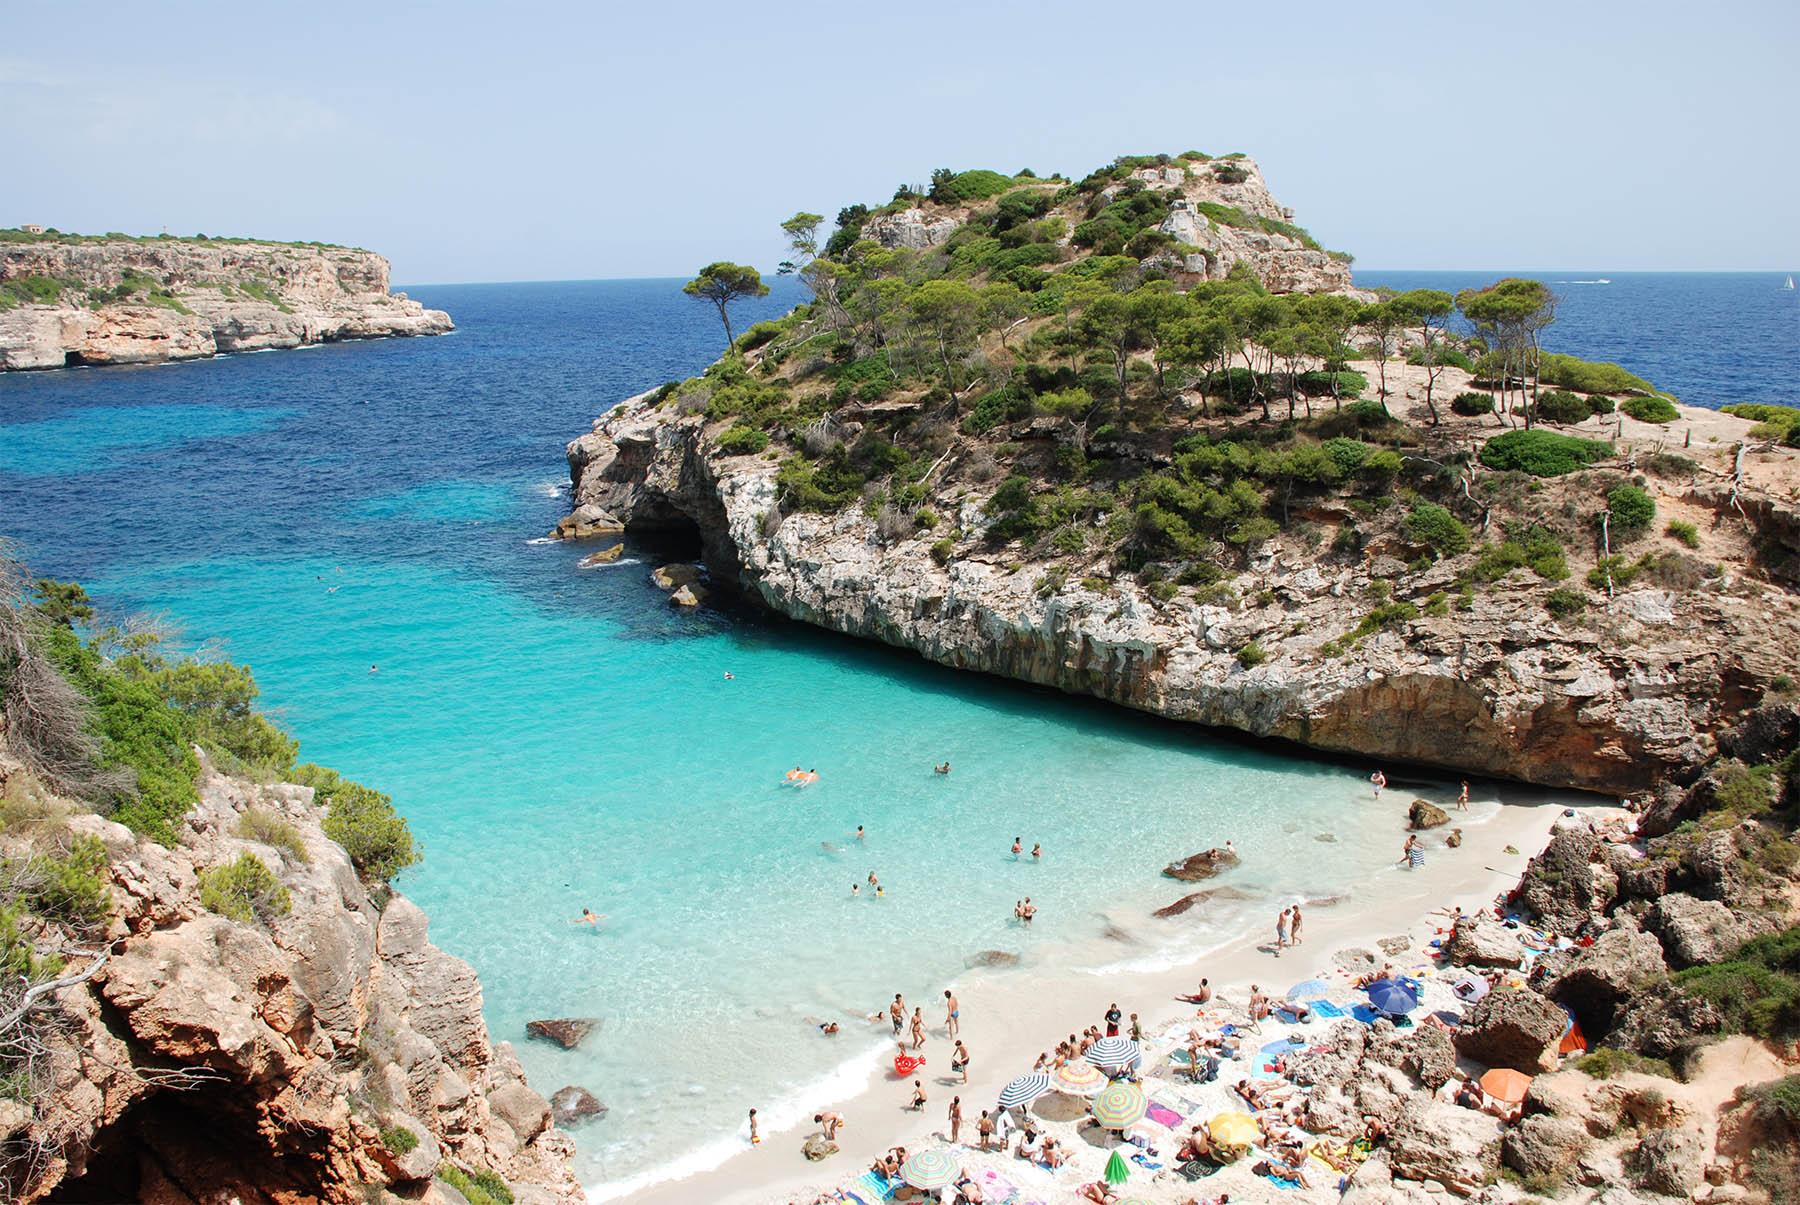 Tres destinos turísticos para disfrutar de unas vacaciones memorables 1